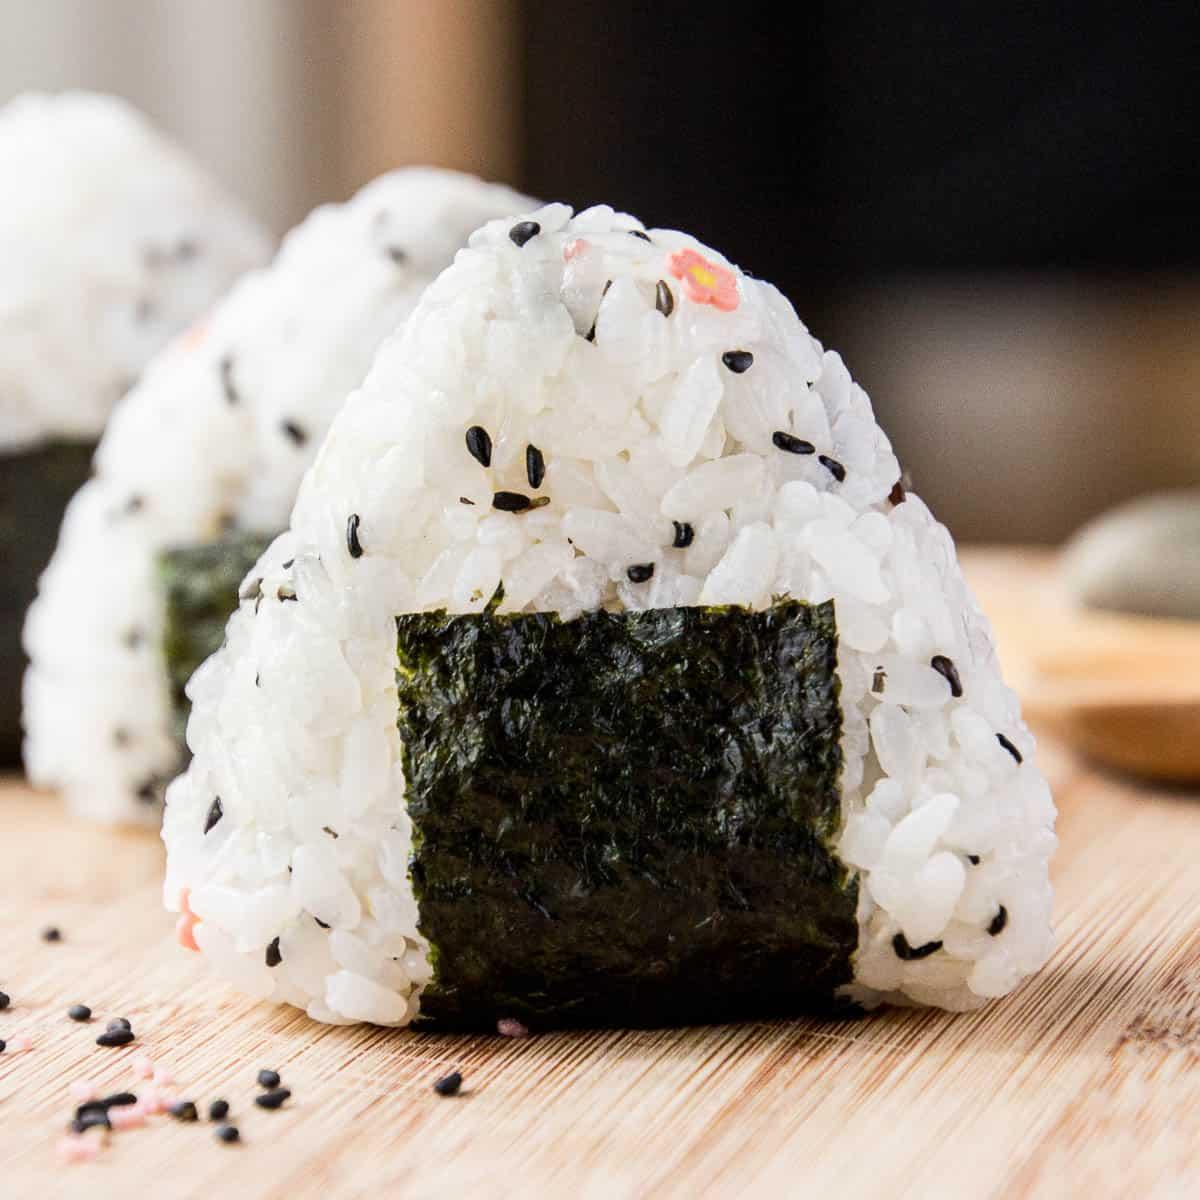 A closeup shot of a finished onigiri rice ball.